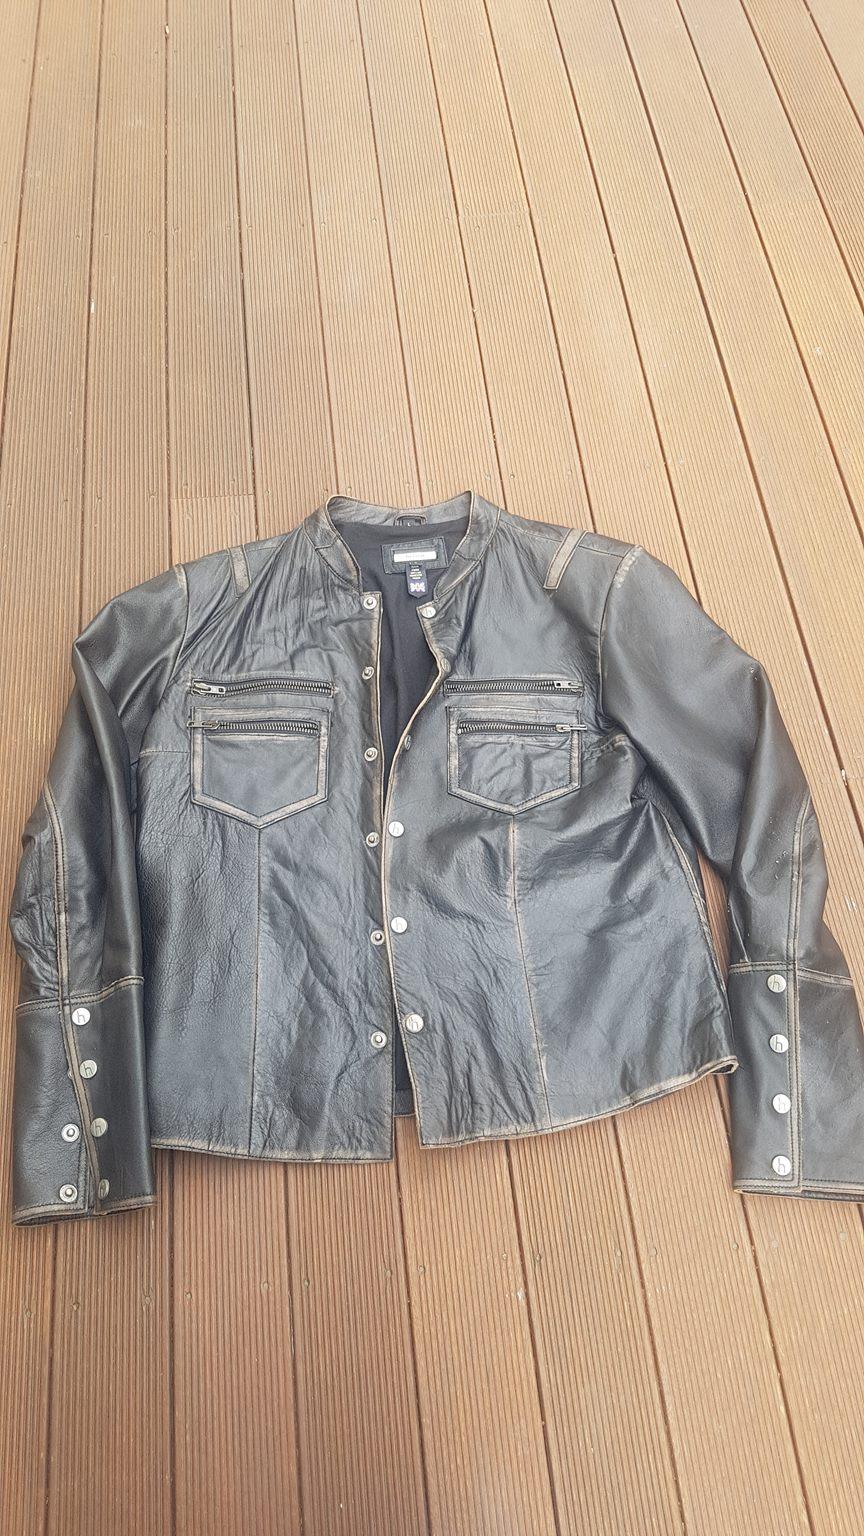 be4a4008e Helium Leather Jacket - Medium to Large